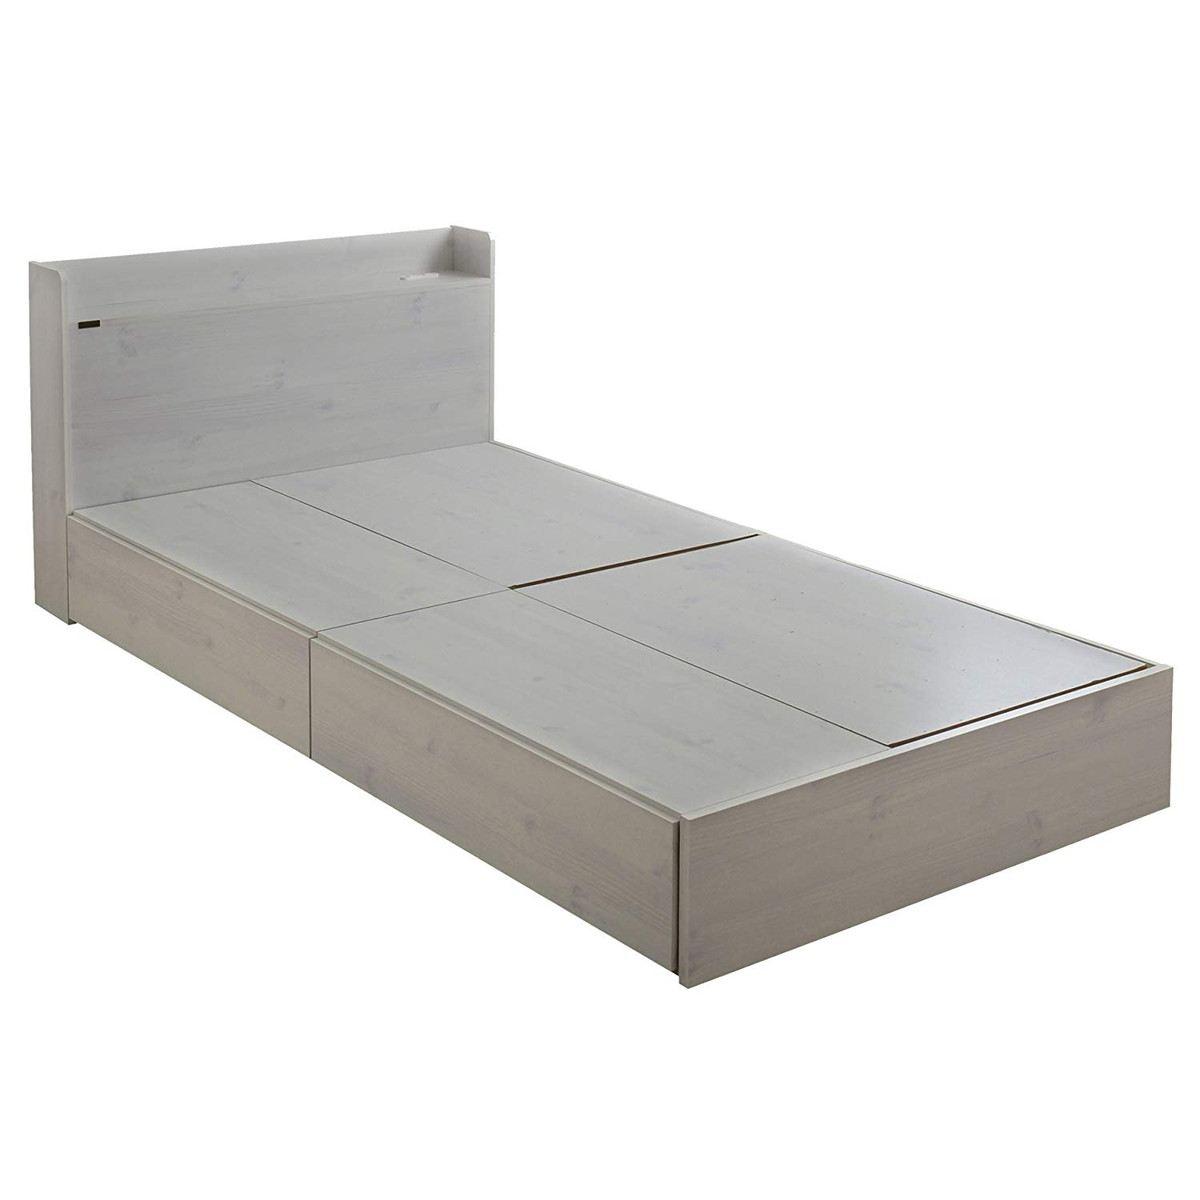 EMICA(エミカ) 収納付きベッド (ロータイプ) ホワイト 収納2分割